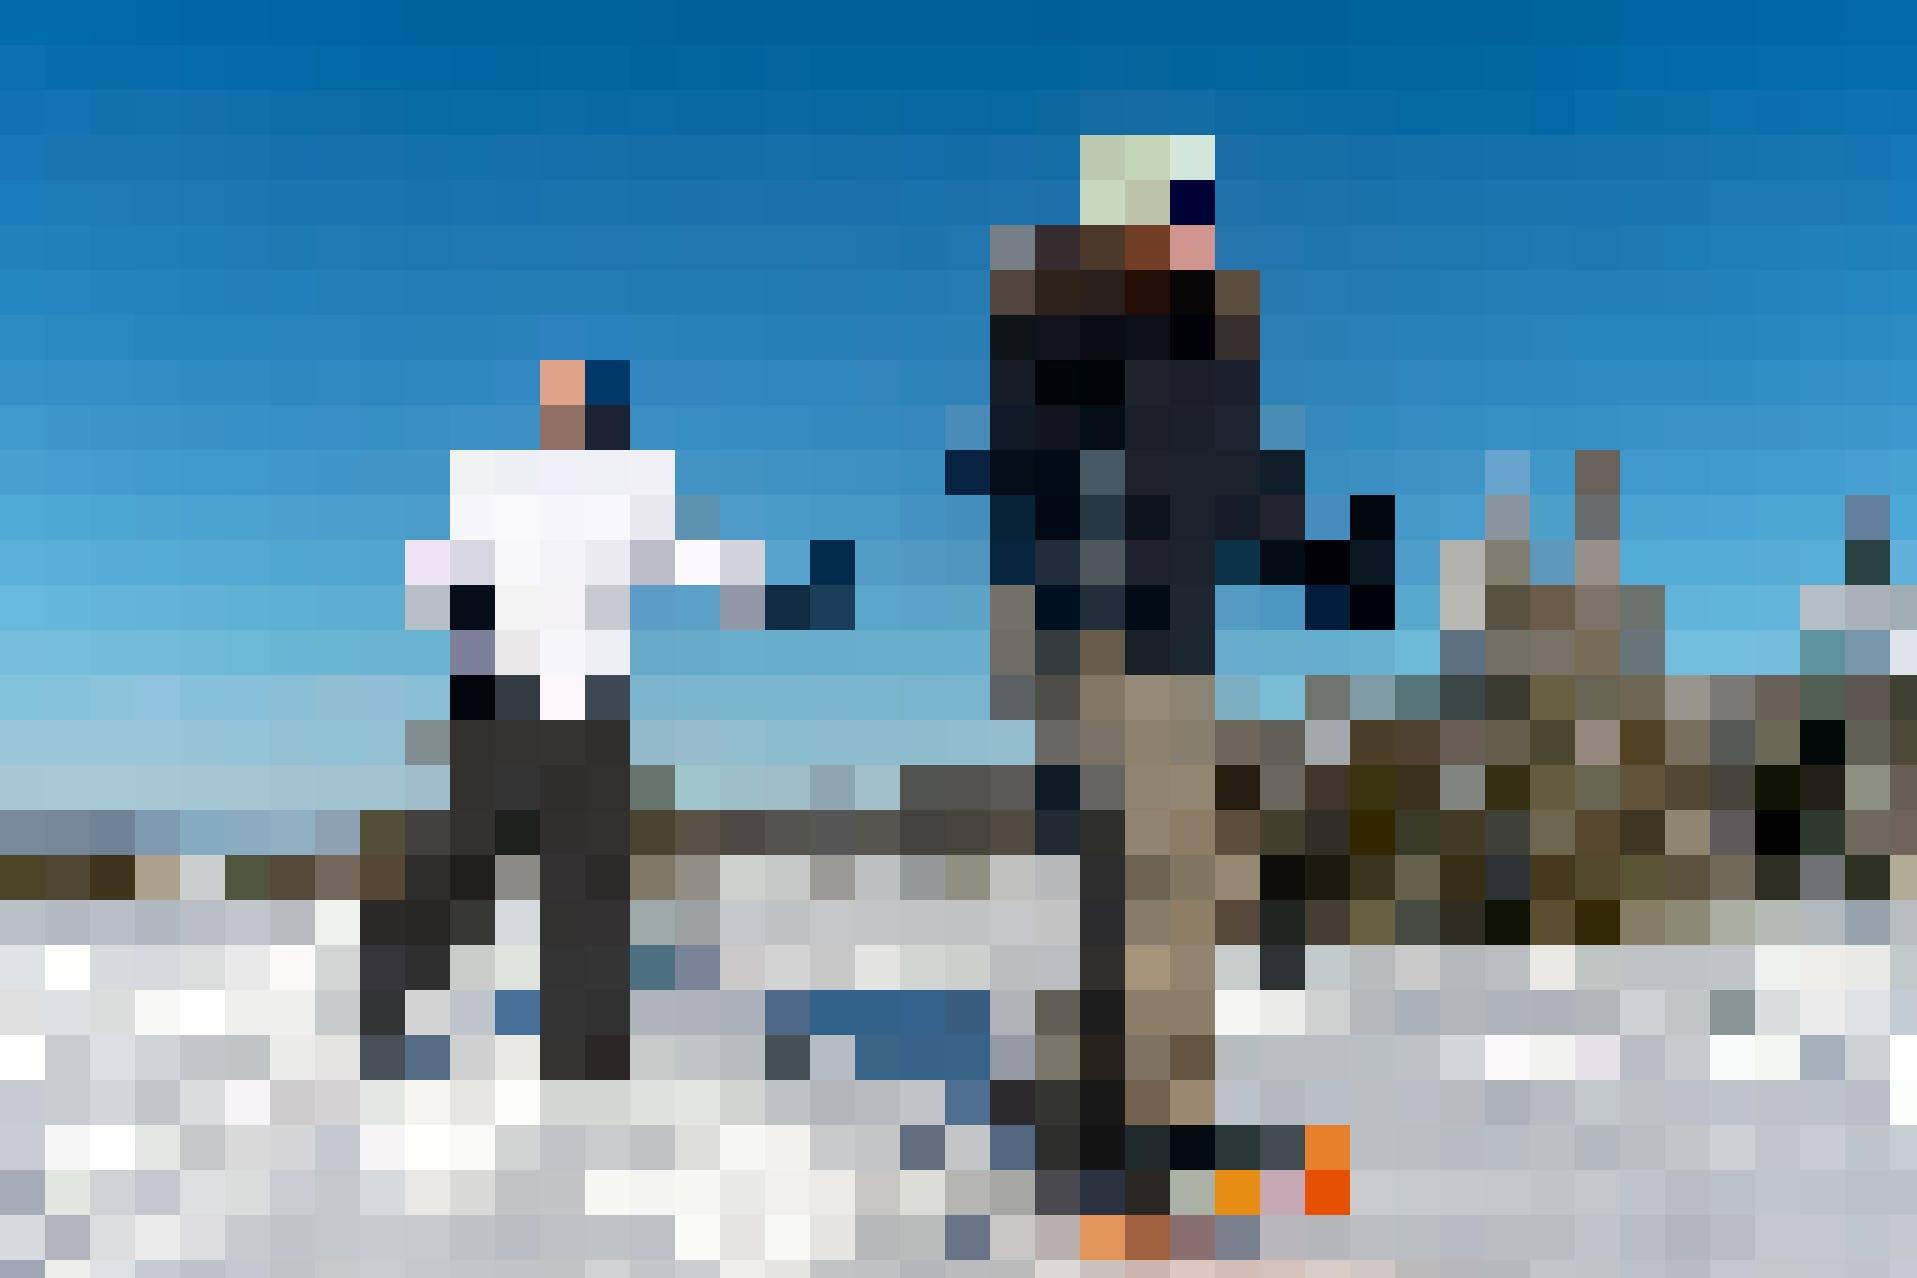 Inmitten dieser bezaubernden Landschaften geniessen Céline und Luc ihre Schneeschuhwanderung.